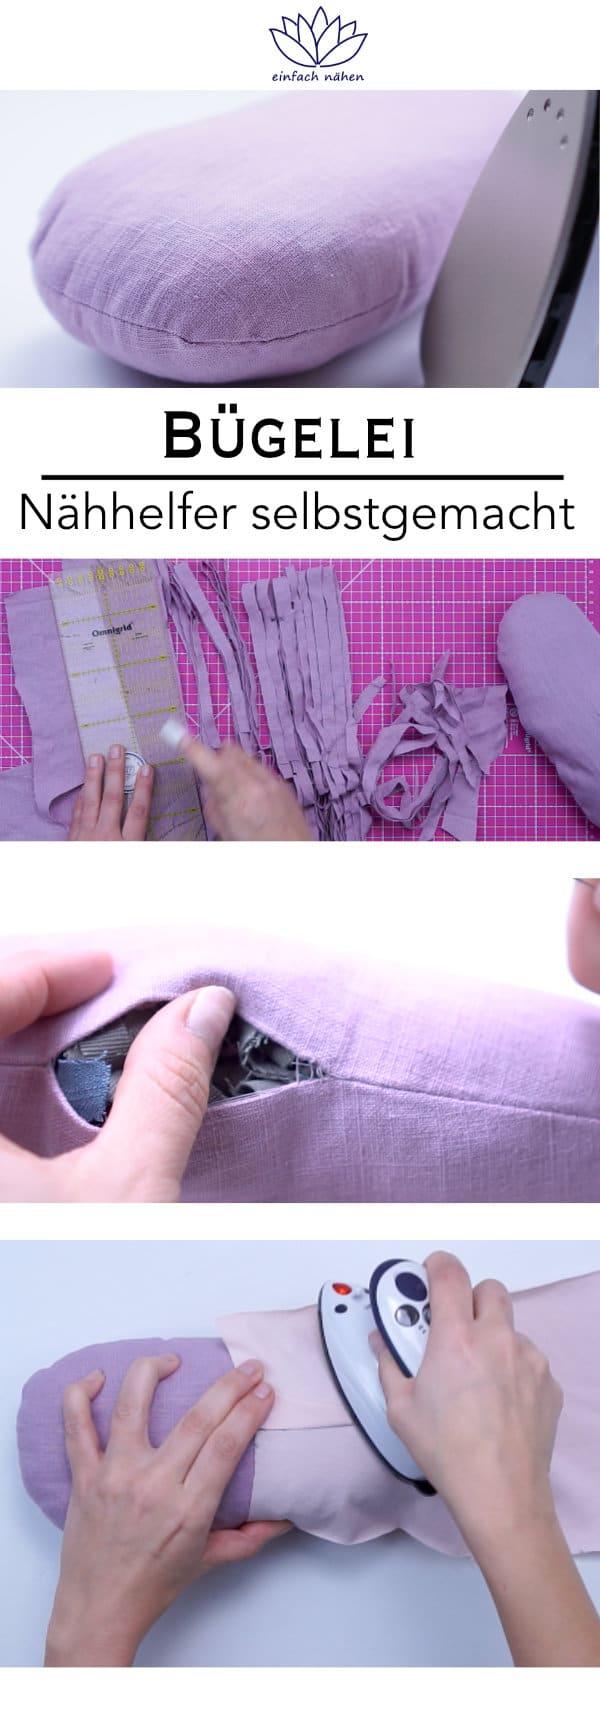 Bringe Nähte an Schultern, Armkugeln oder Abnähern mit einem selbstgenähten Bügelei in Form